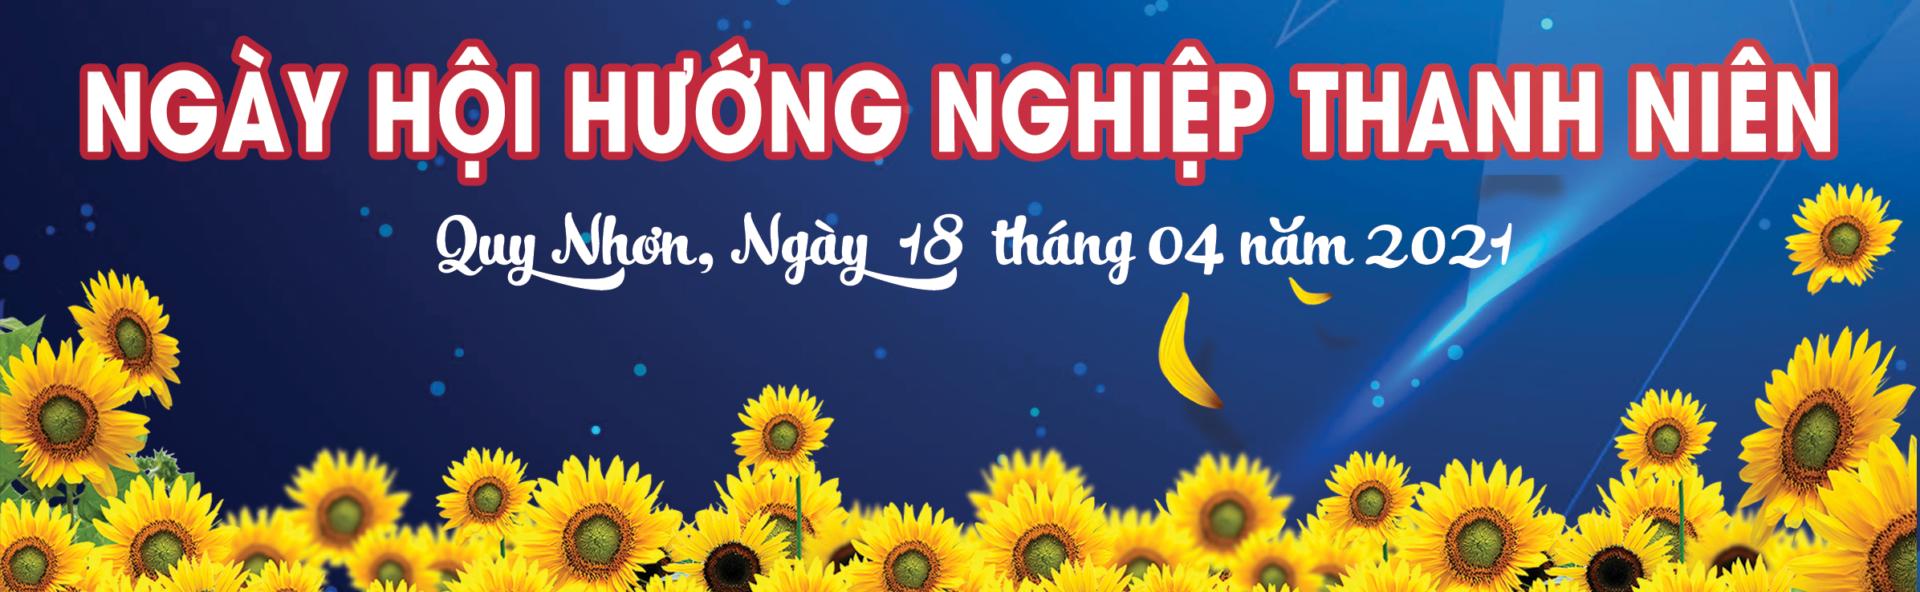 Trường Đại học Quang Trung phối hợp với Tỉnh Đoàn Bình Định tổ chức Ngày hội Hướng nghiệp Thanh niên